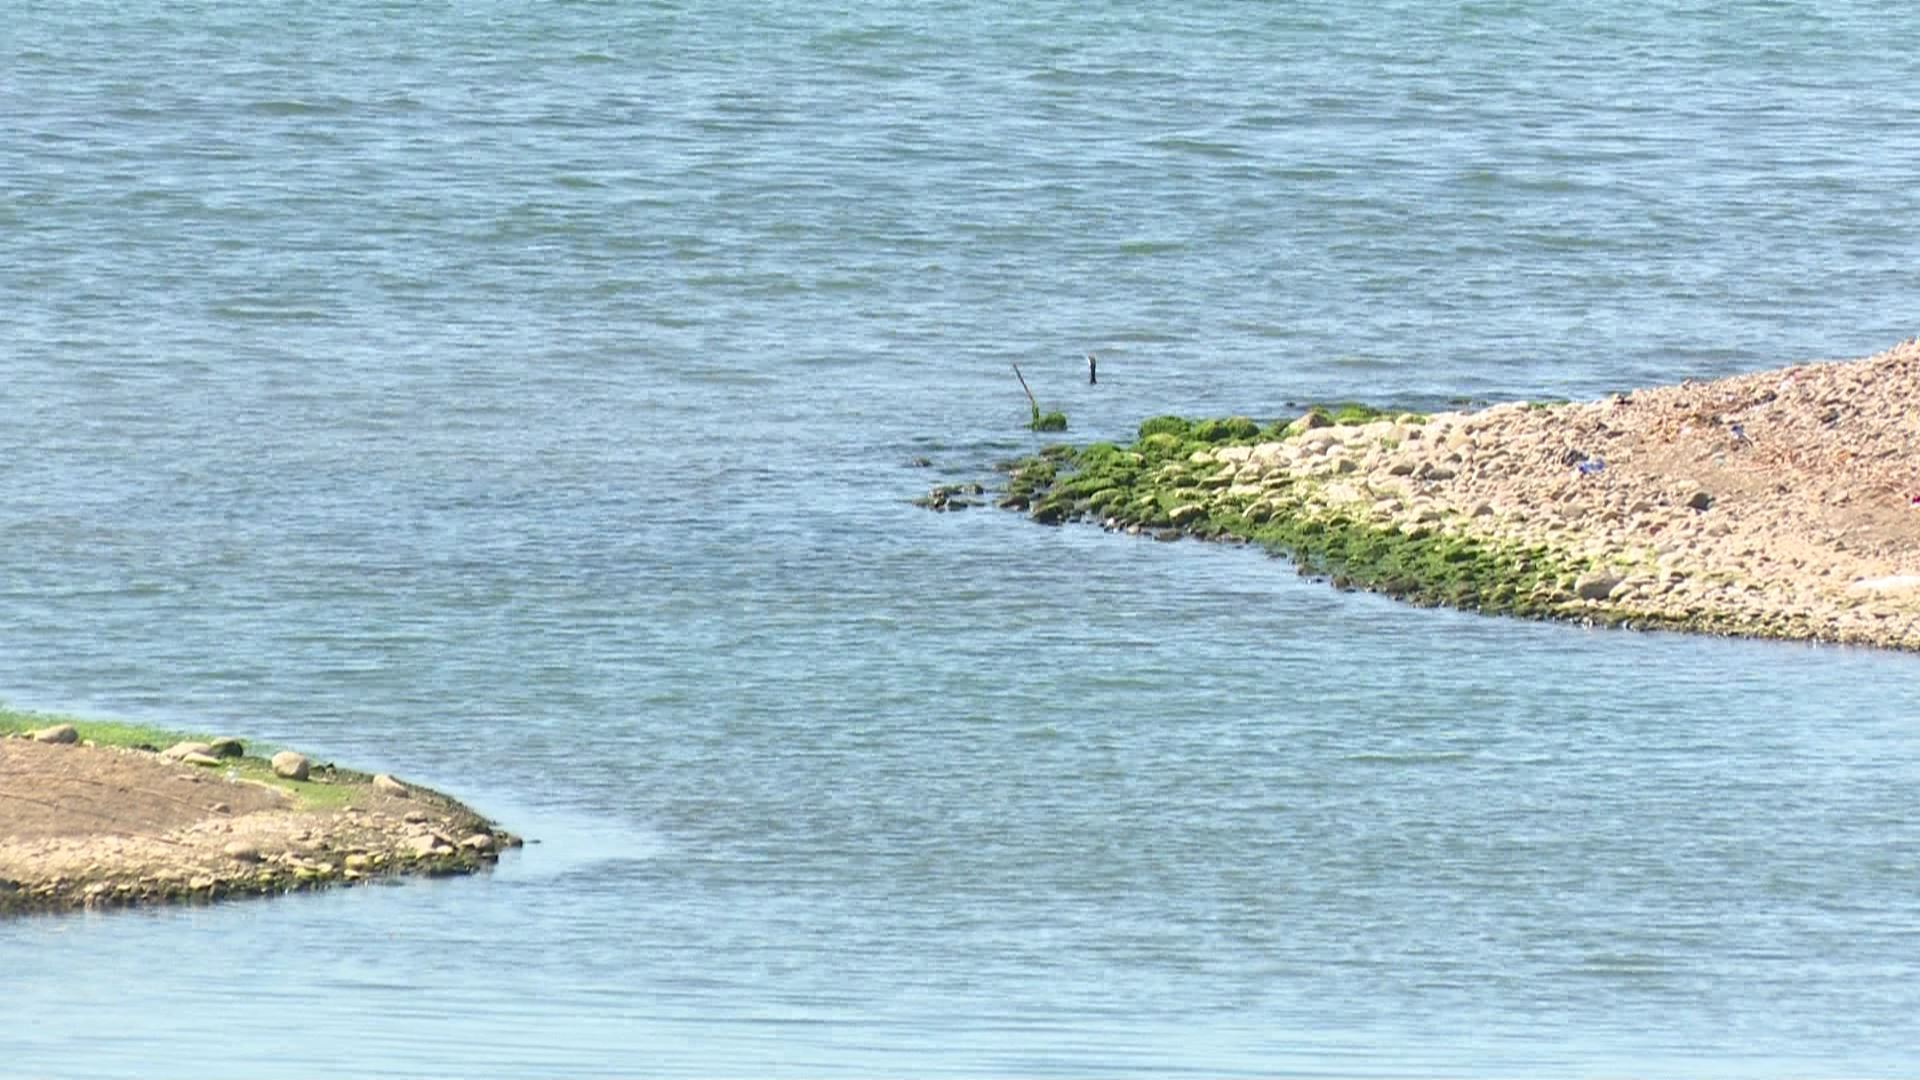 ზღვის წყლის ხარისხი დამაკმაყოფილებელია